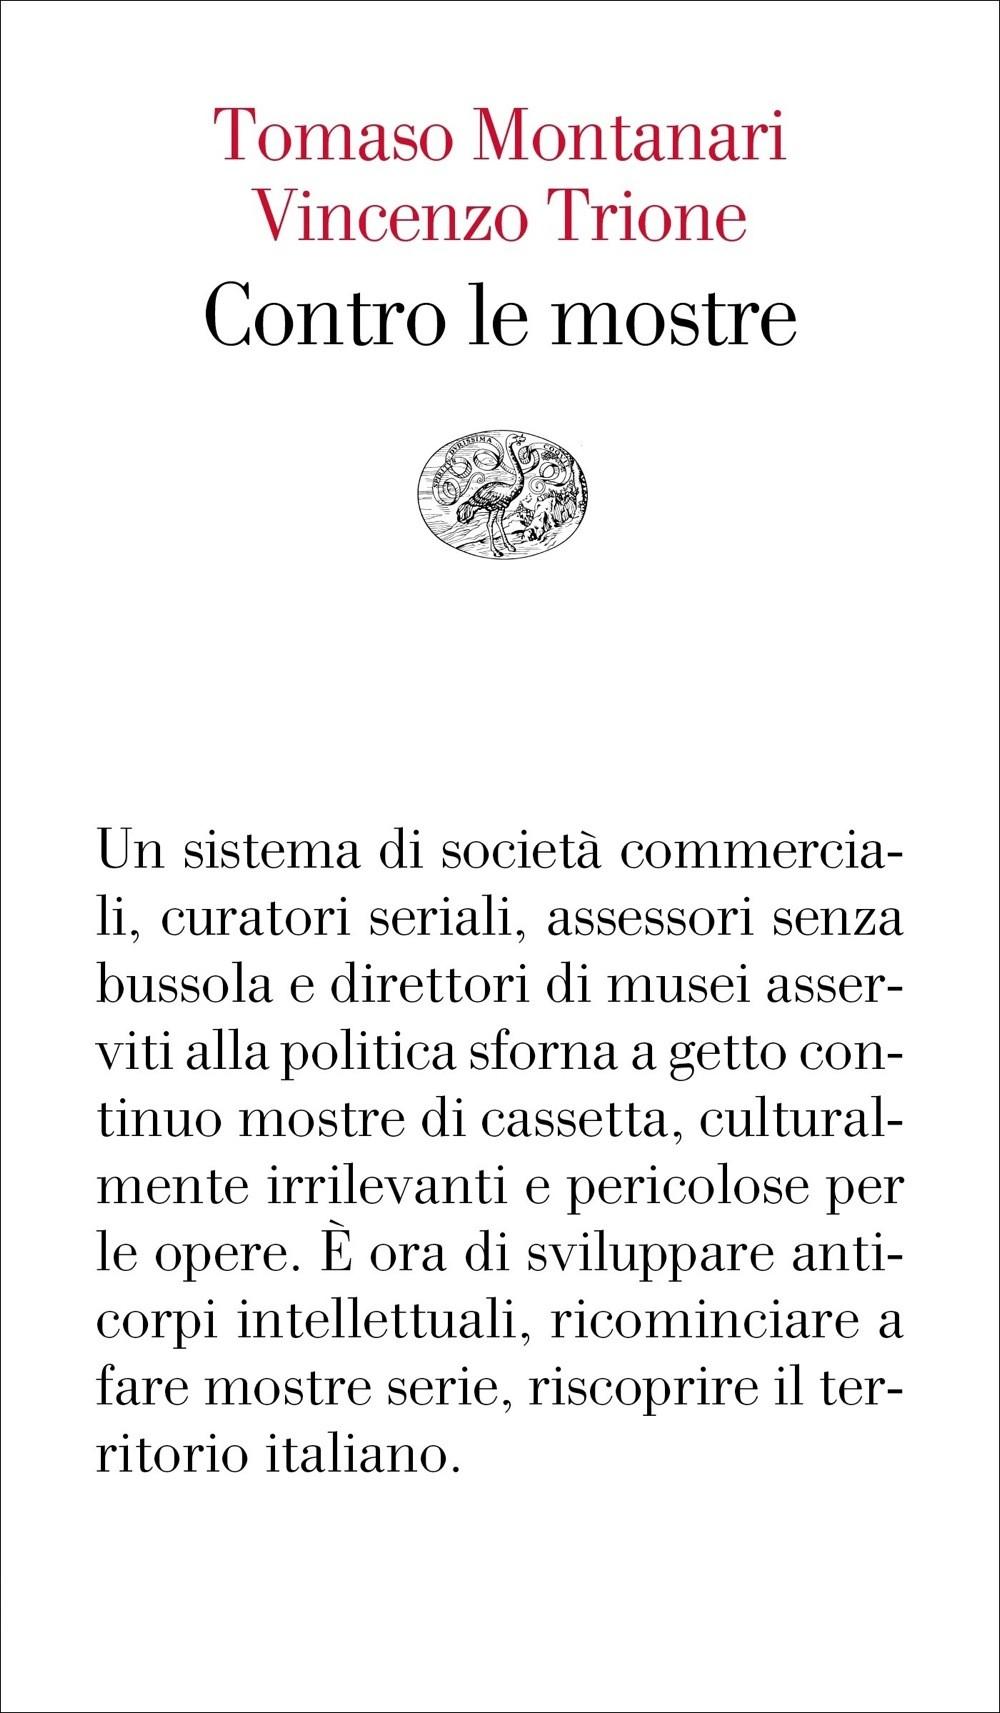 """ALL'UNIVERSITÀ DI PARMA VINCENZO TRIONE PRESENTA """"CONTRO LE MOSTRE"""""""